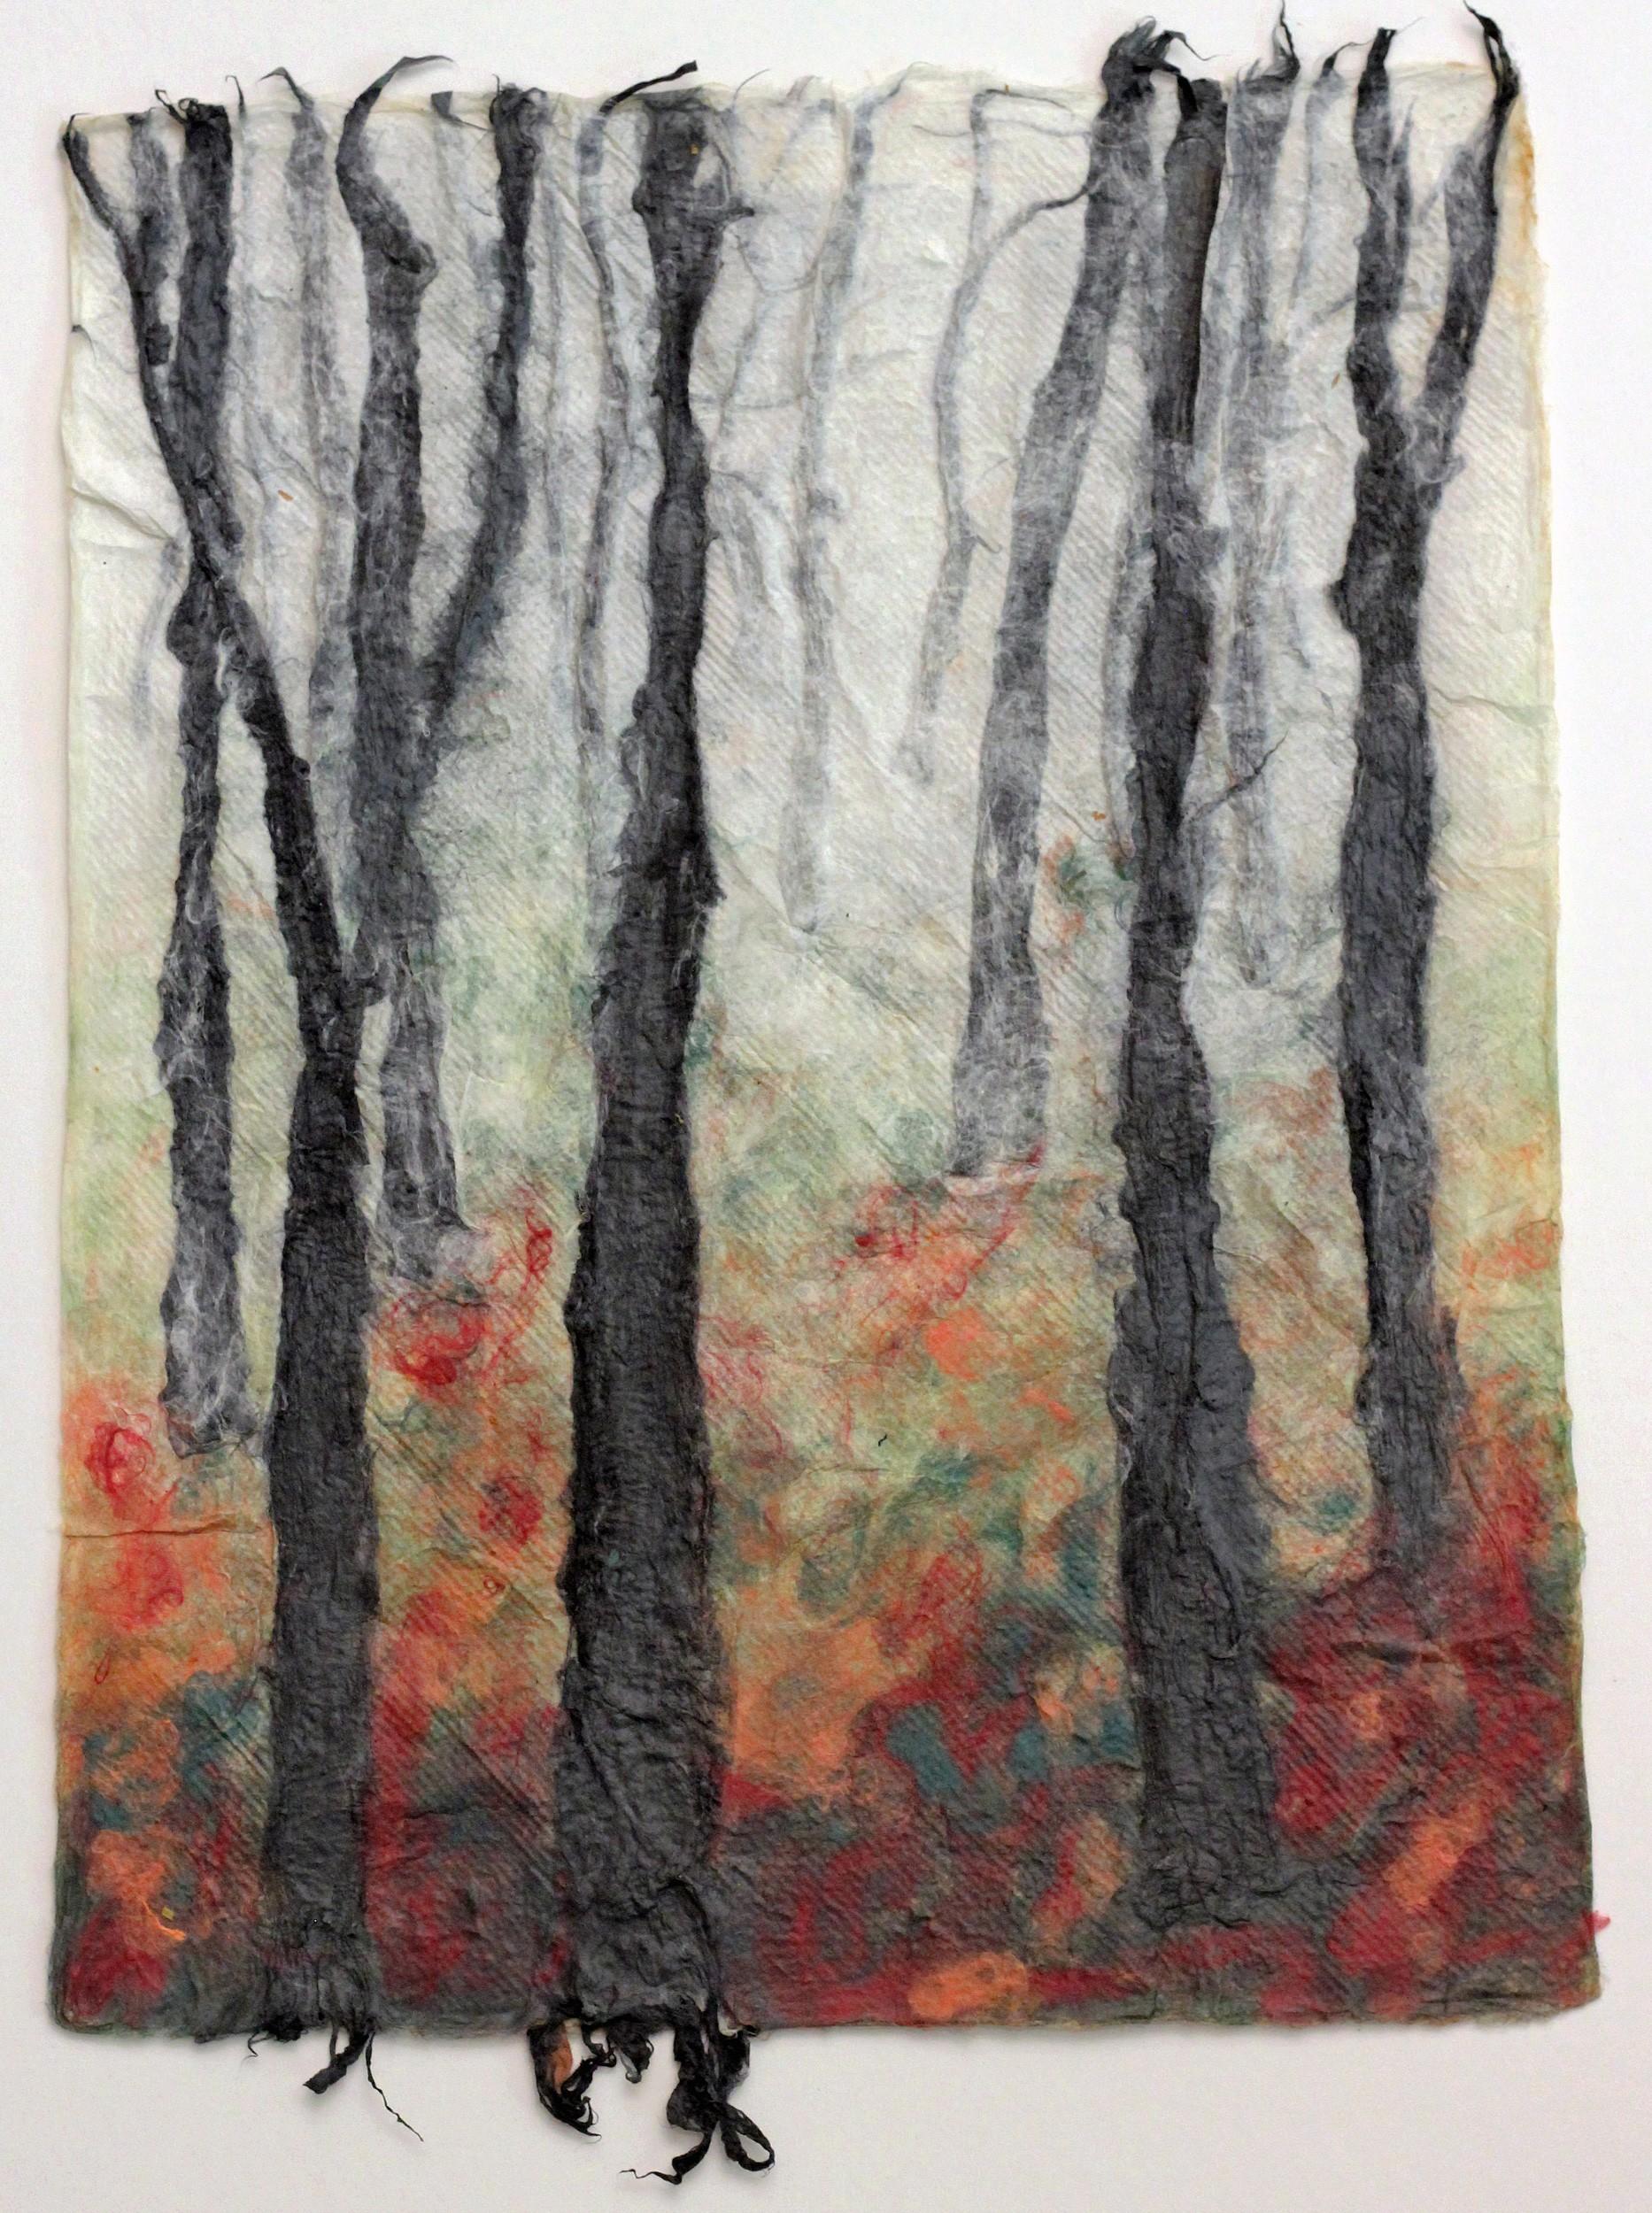 Bäume im Herbst | Malerei von Künstlerin Simone Westphal, Papiermalerei